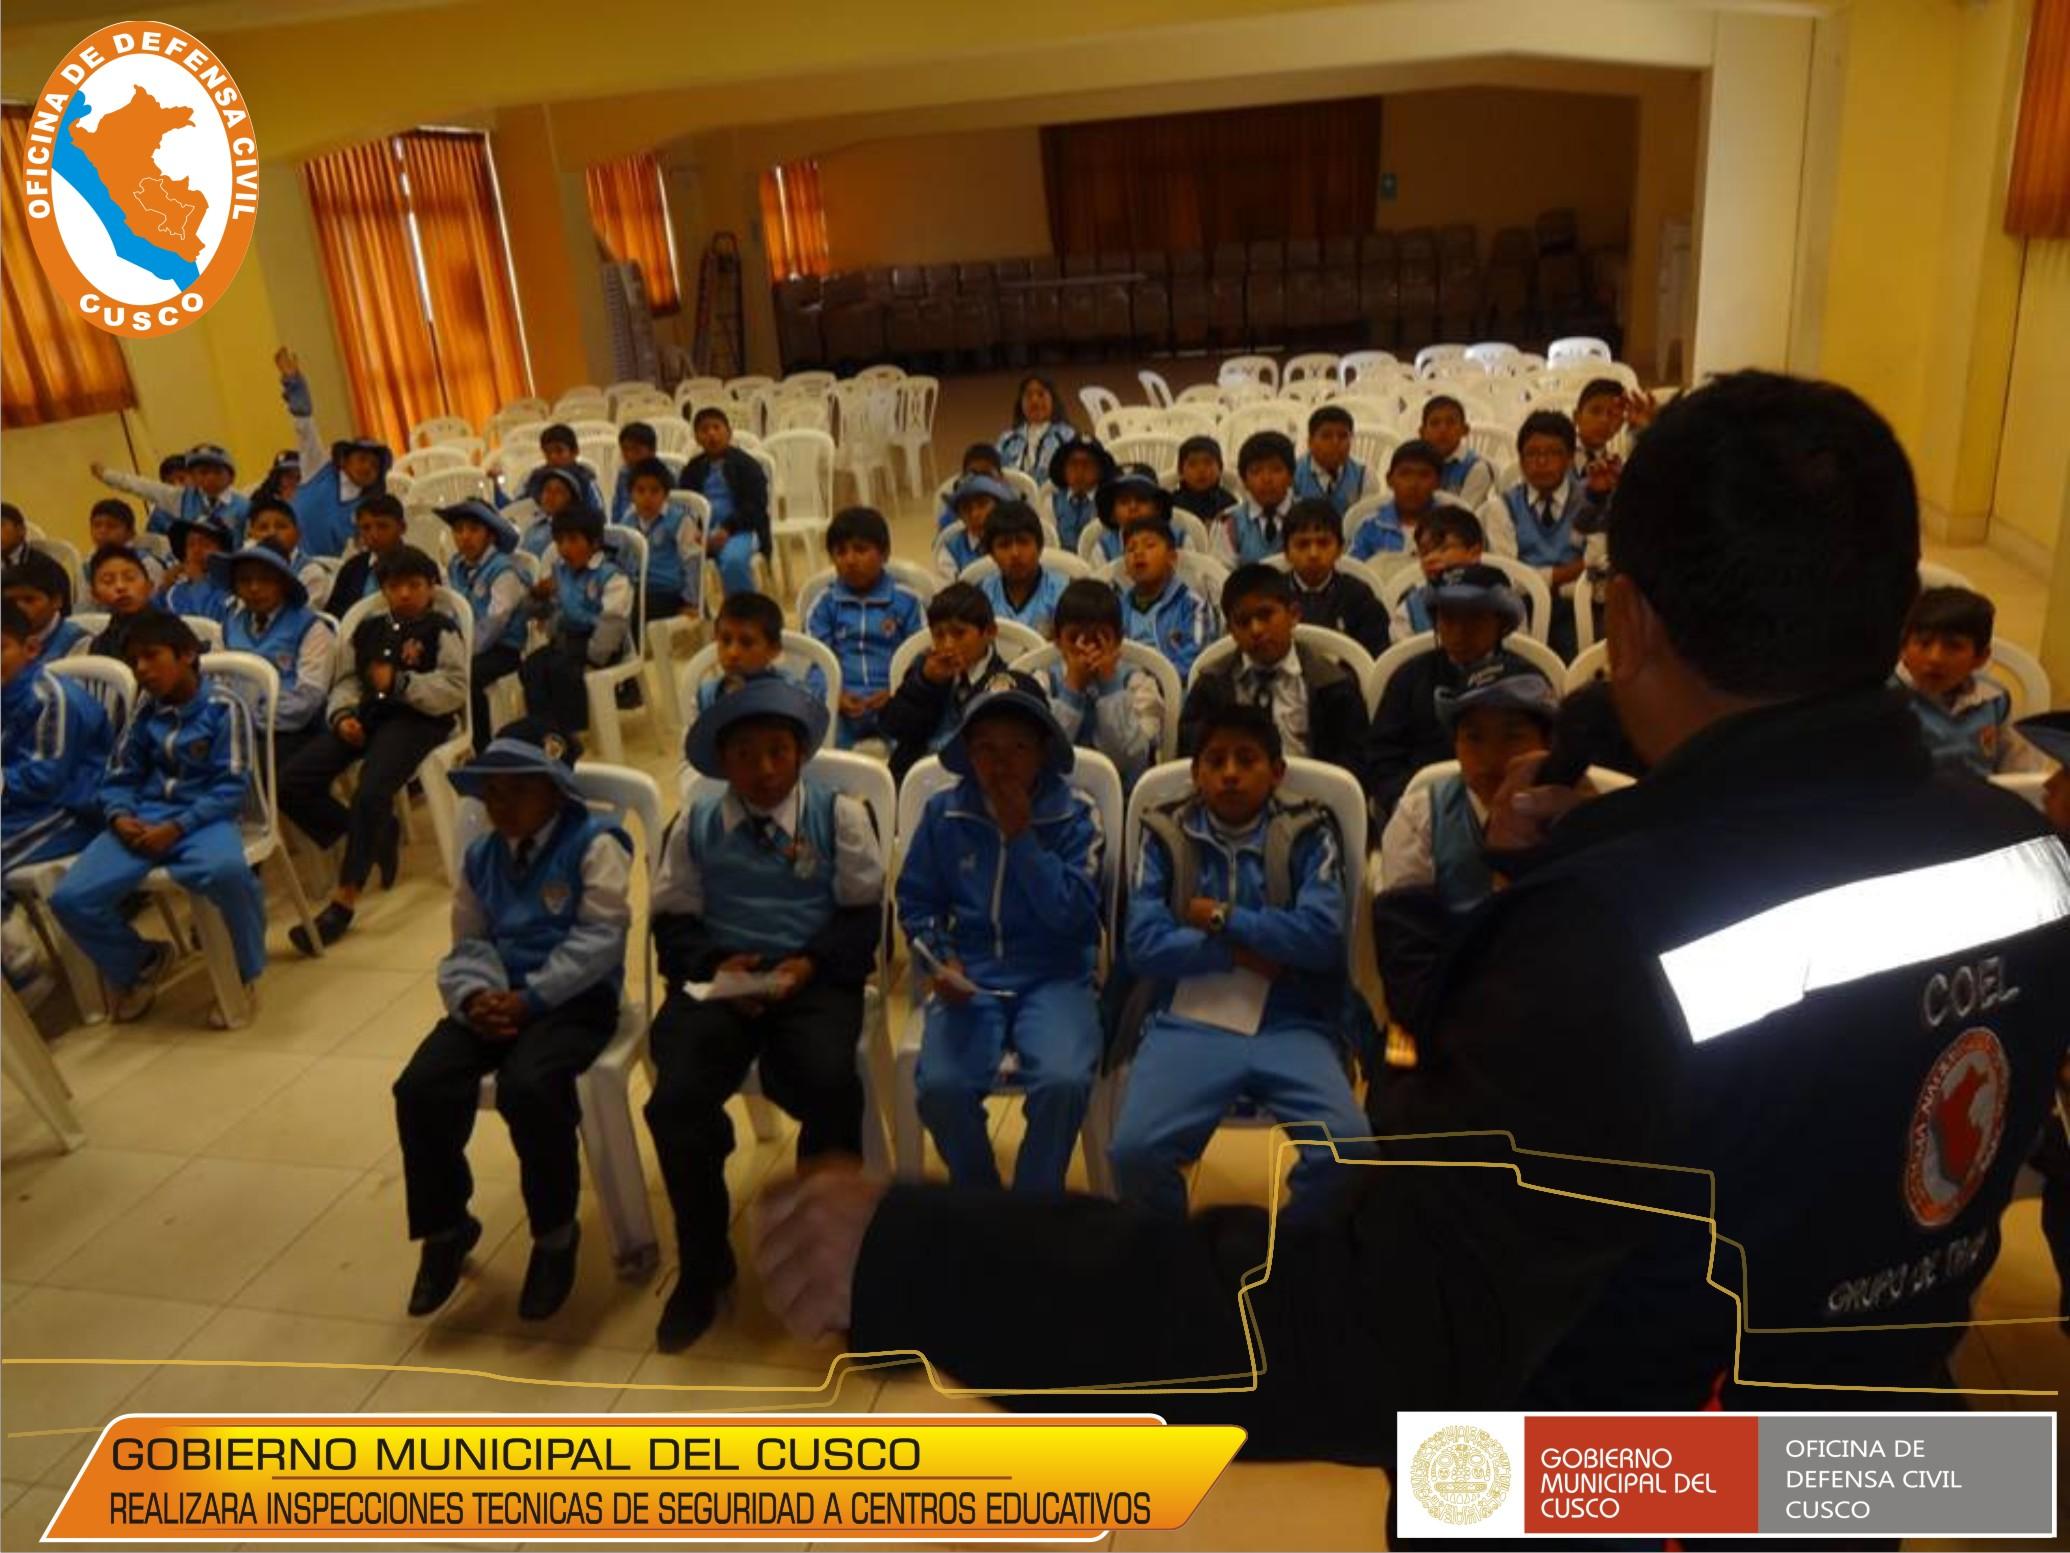 EL GOBIERNO MUNICIPAL DEL CUSCO INSPECCIONARA COLEGIOS